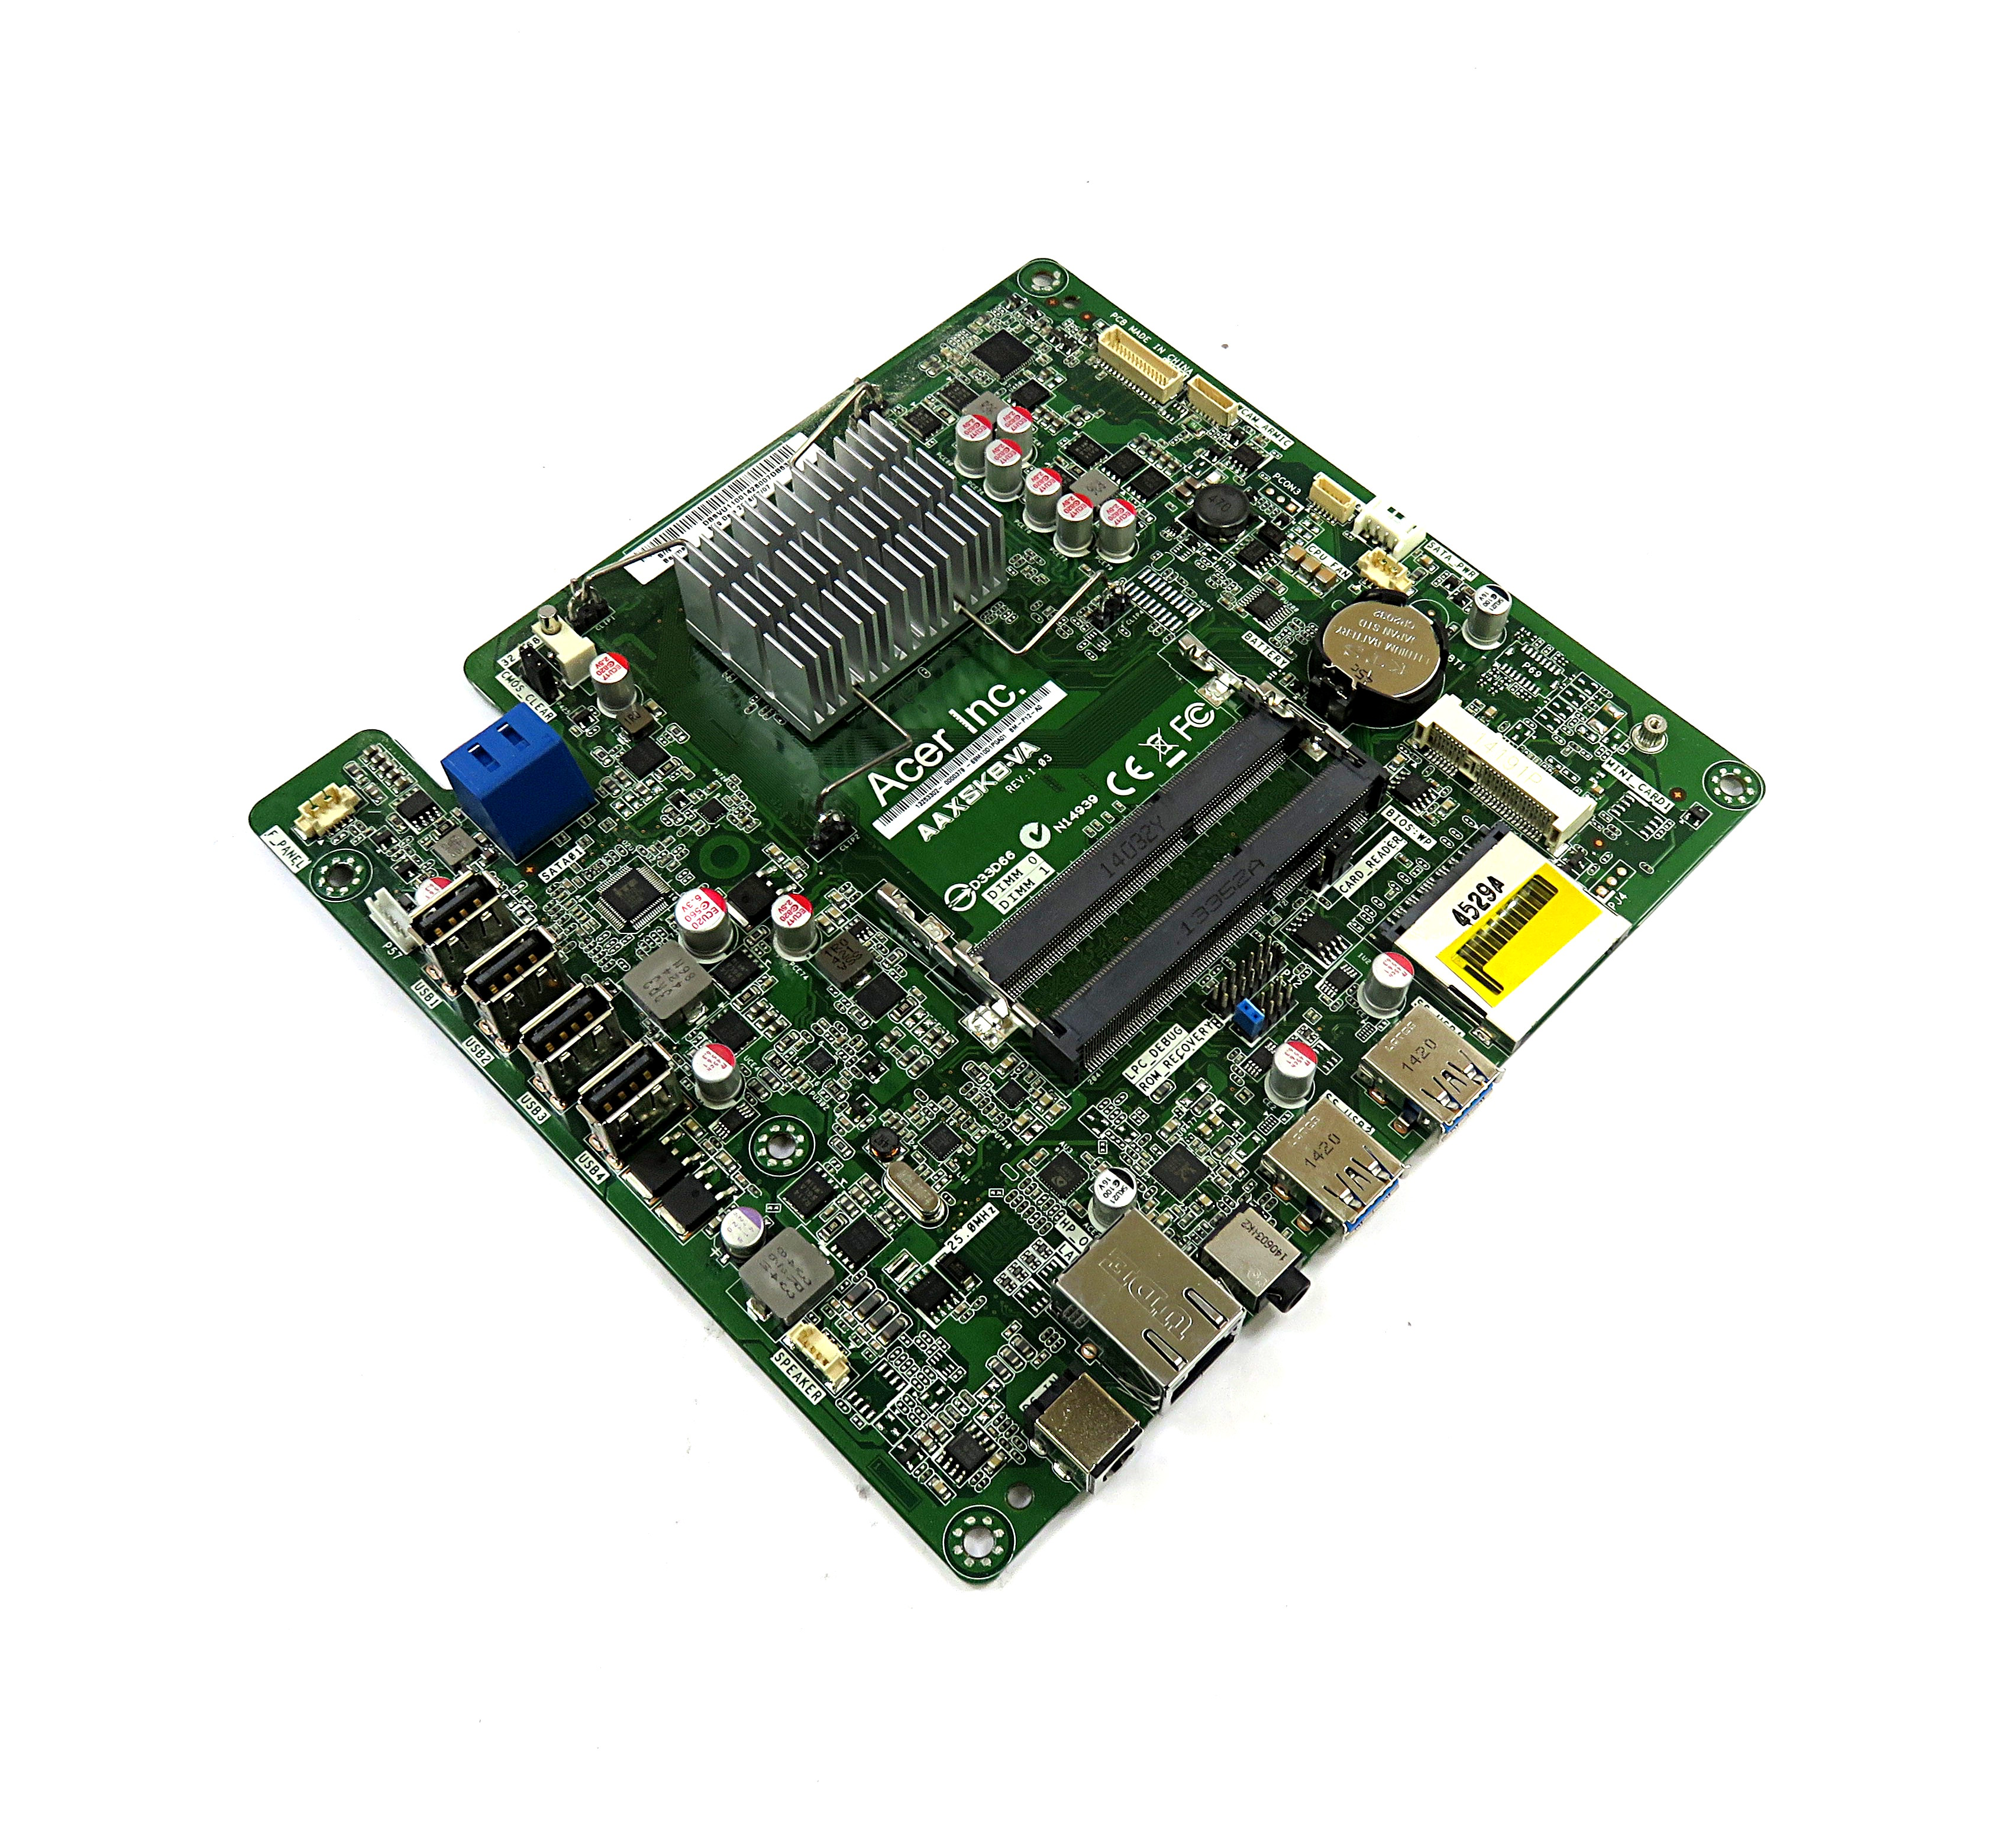 Packard Bell DB.SVU11.001 Motherboard AAXSKB-VA Rev:1.03  w/ AMD A4-6210 APU